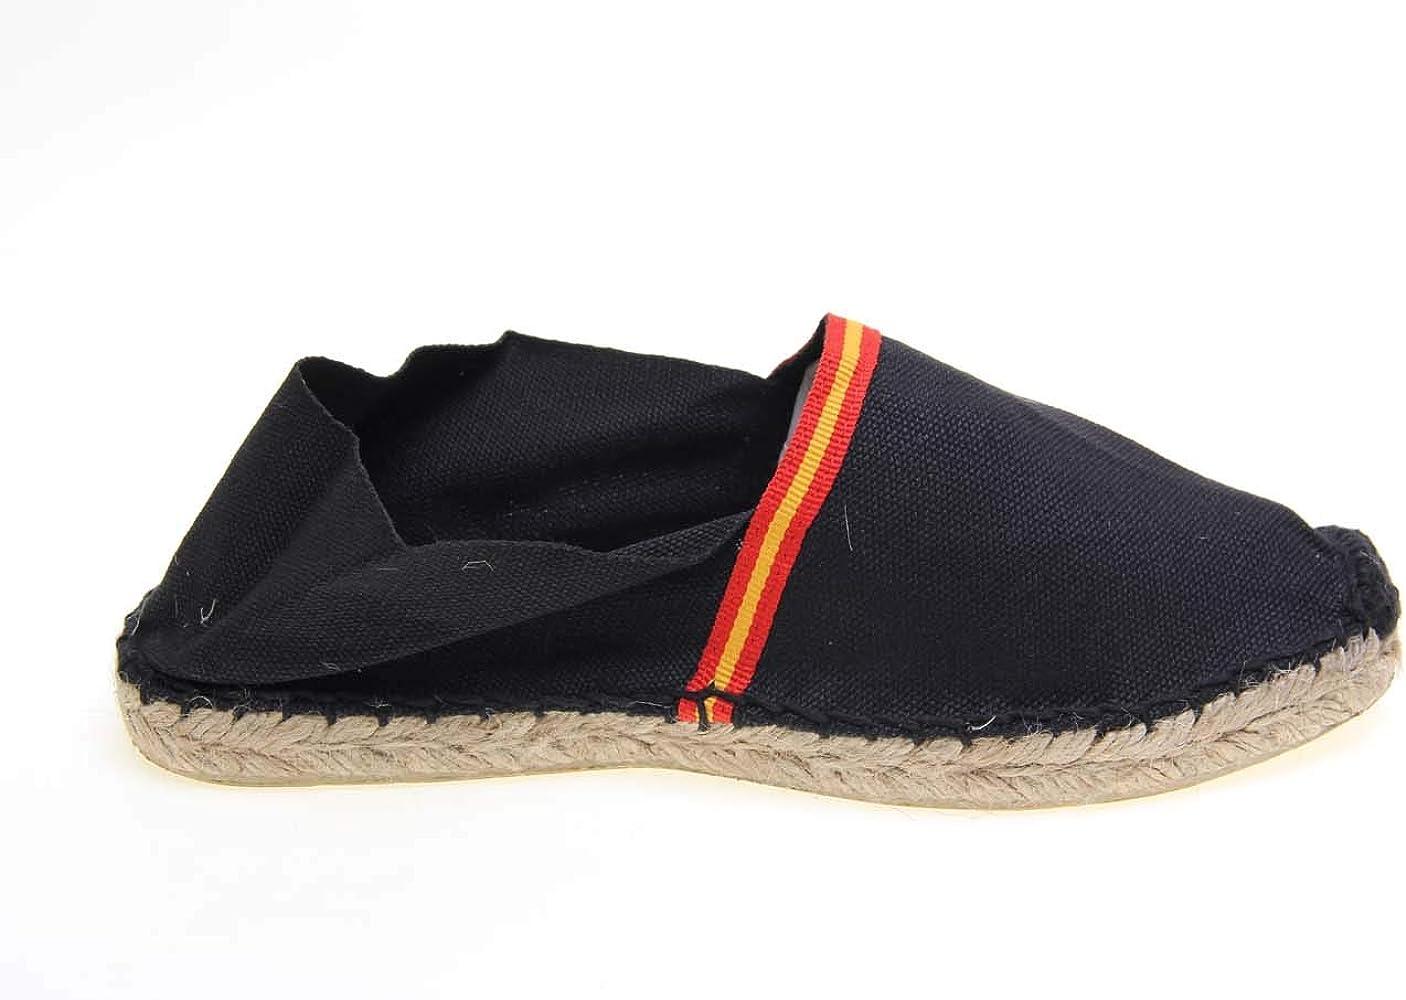 Alpargata Piso Yute y Tejido Lona Bandera ESPAÑA Made IN Spain Cosido A Mano (Negro, Numeric_36): Amazon.es: Zapatos y complementos